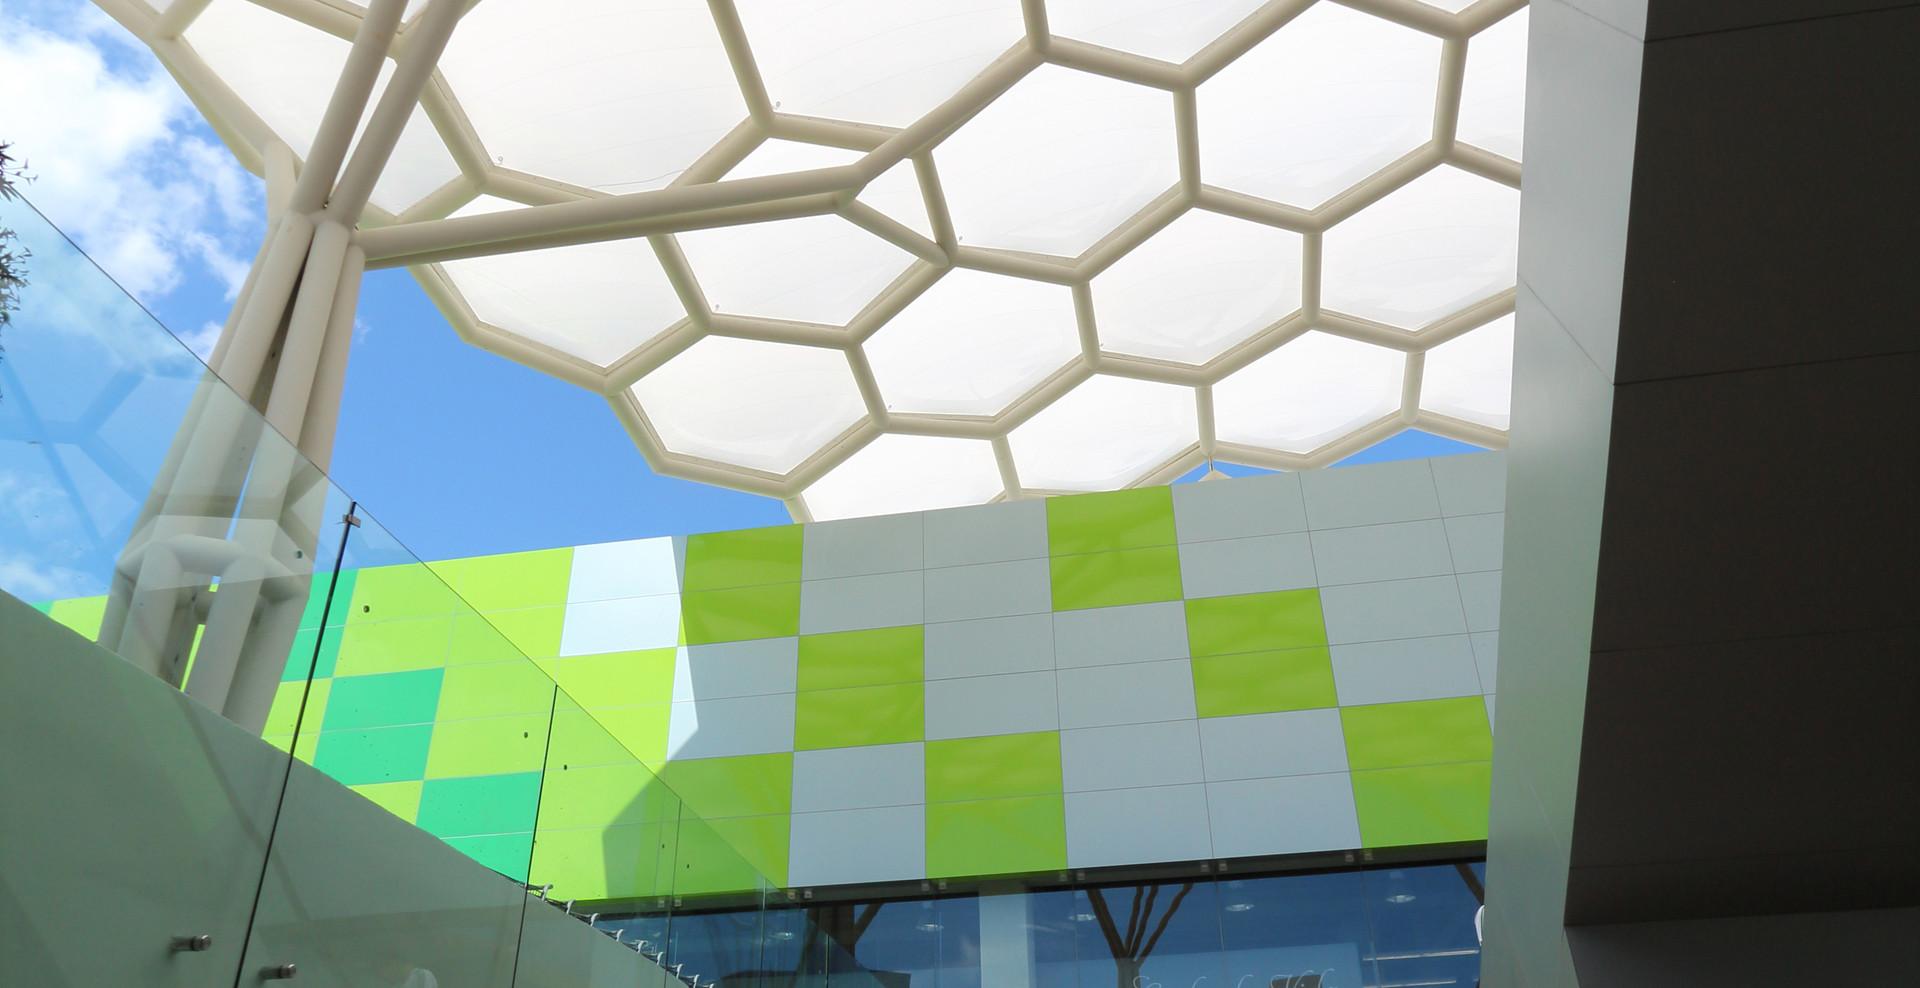 Cubierta-Textile Architektur09.JPG